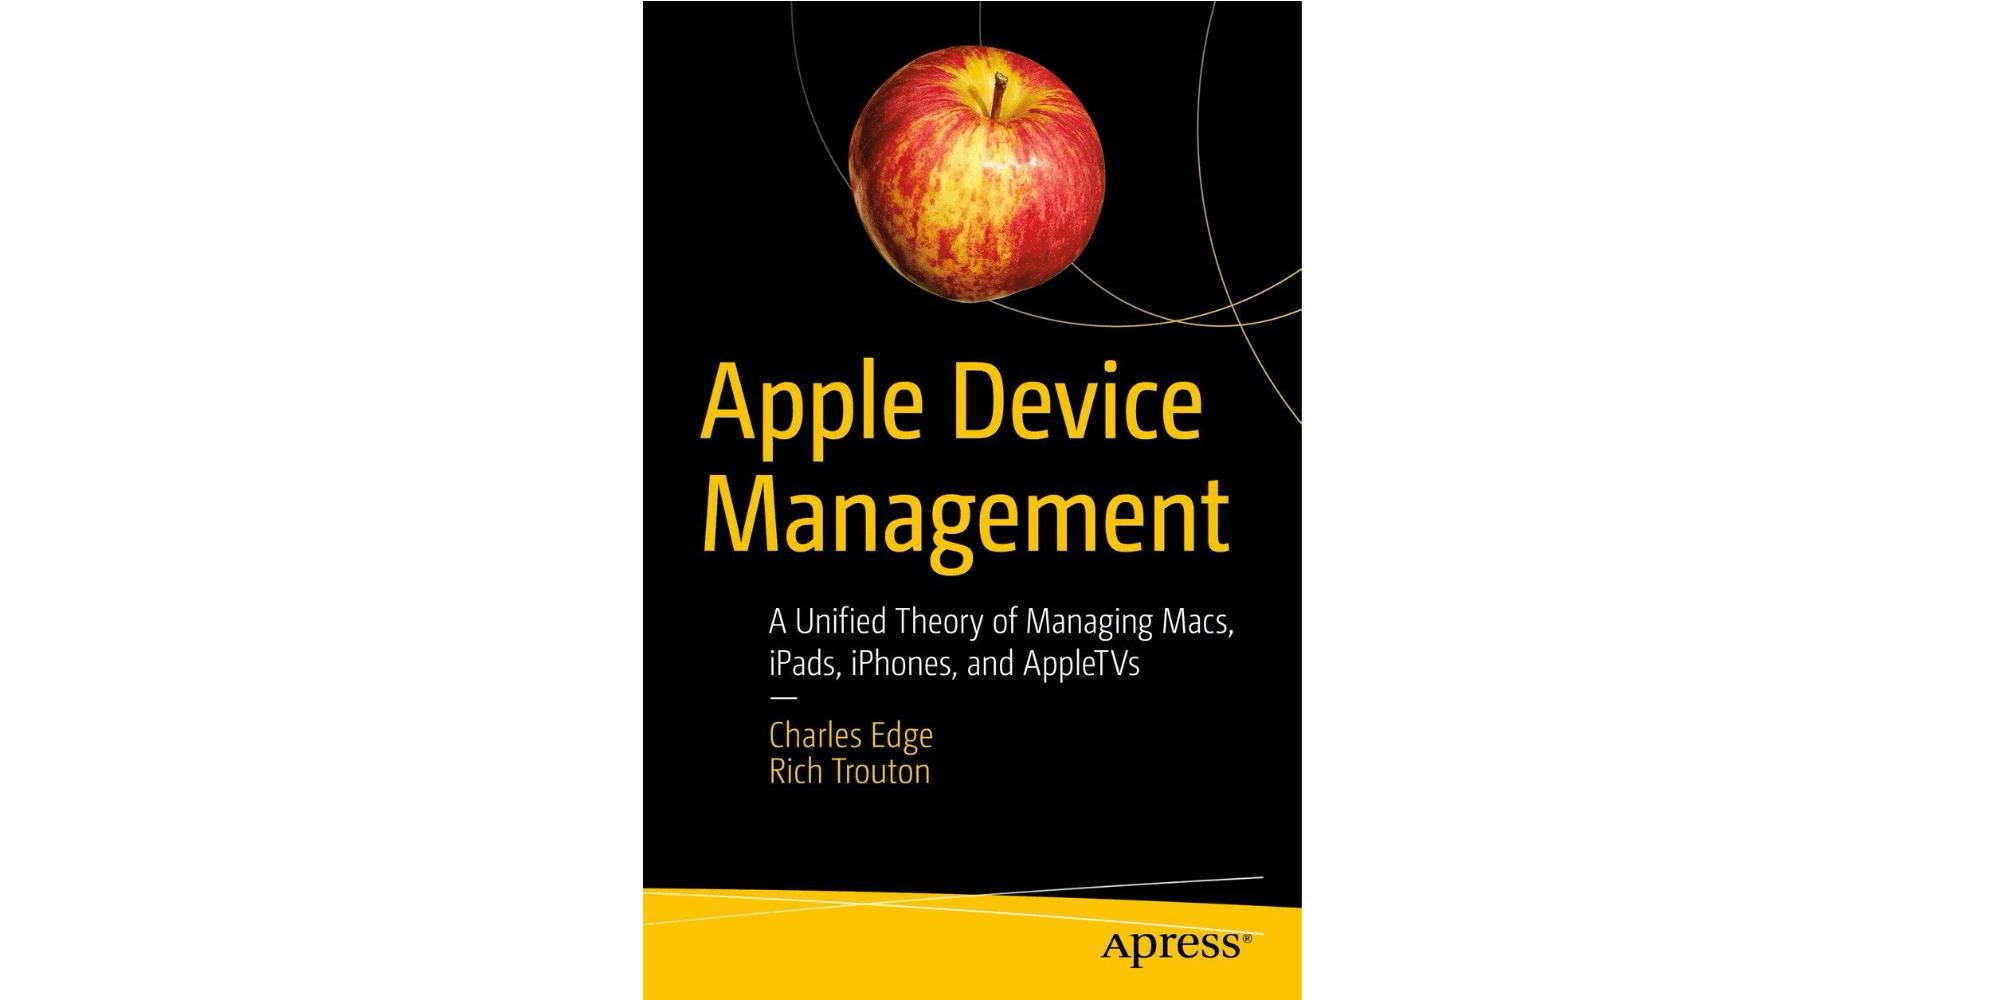 Книга Apple Device Management - это ресурс, который нужен всем ИТ-менеджерам